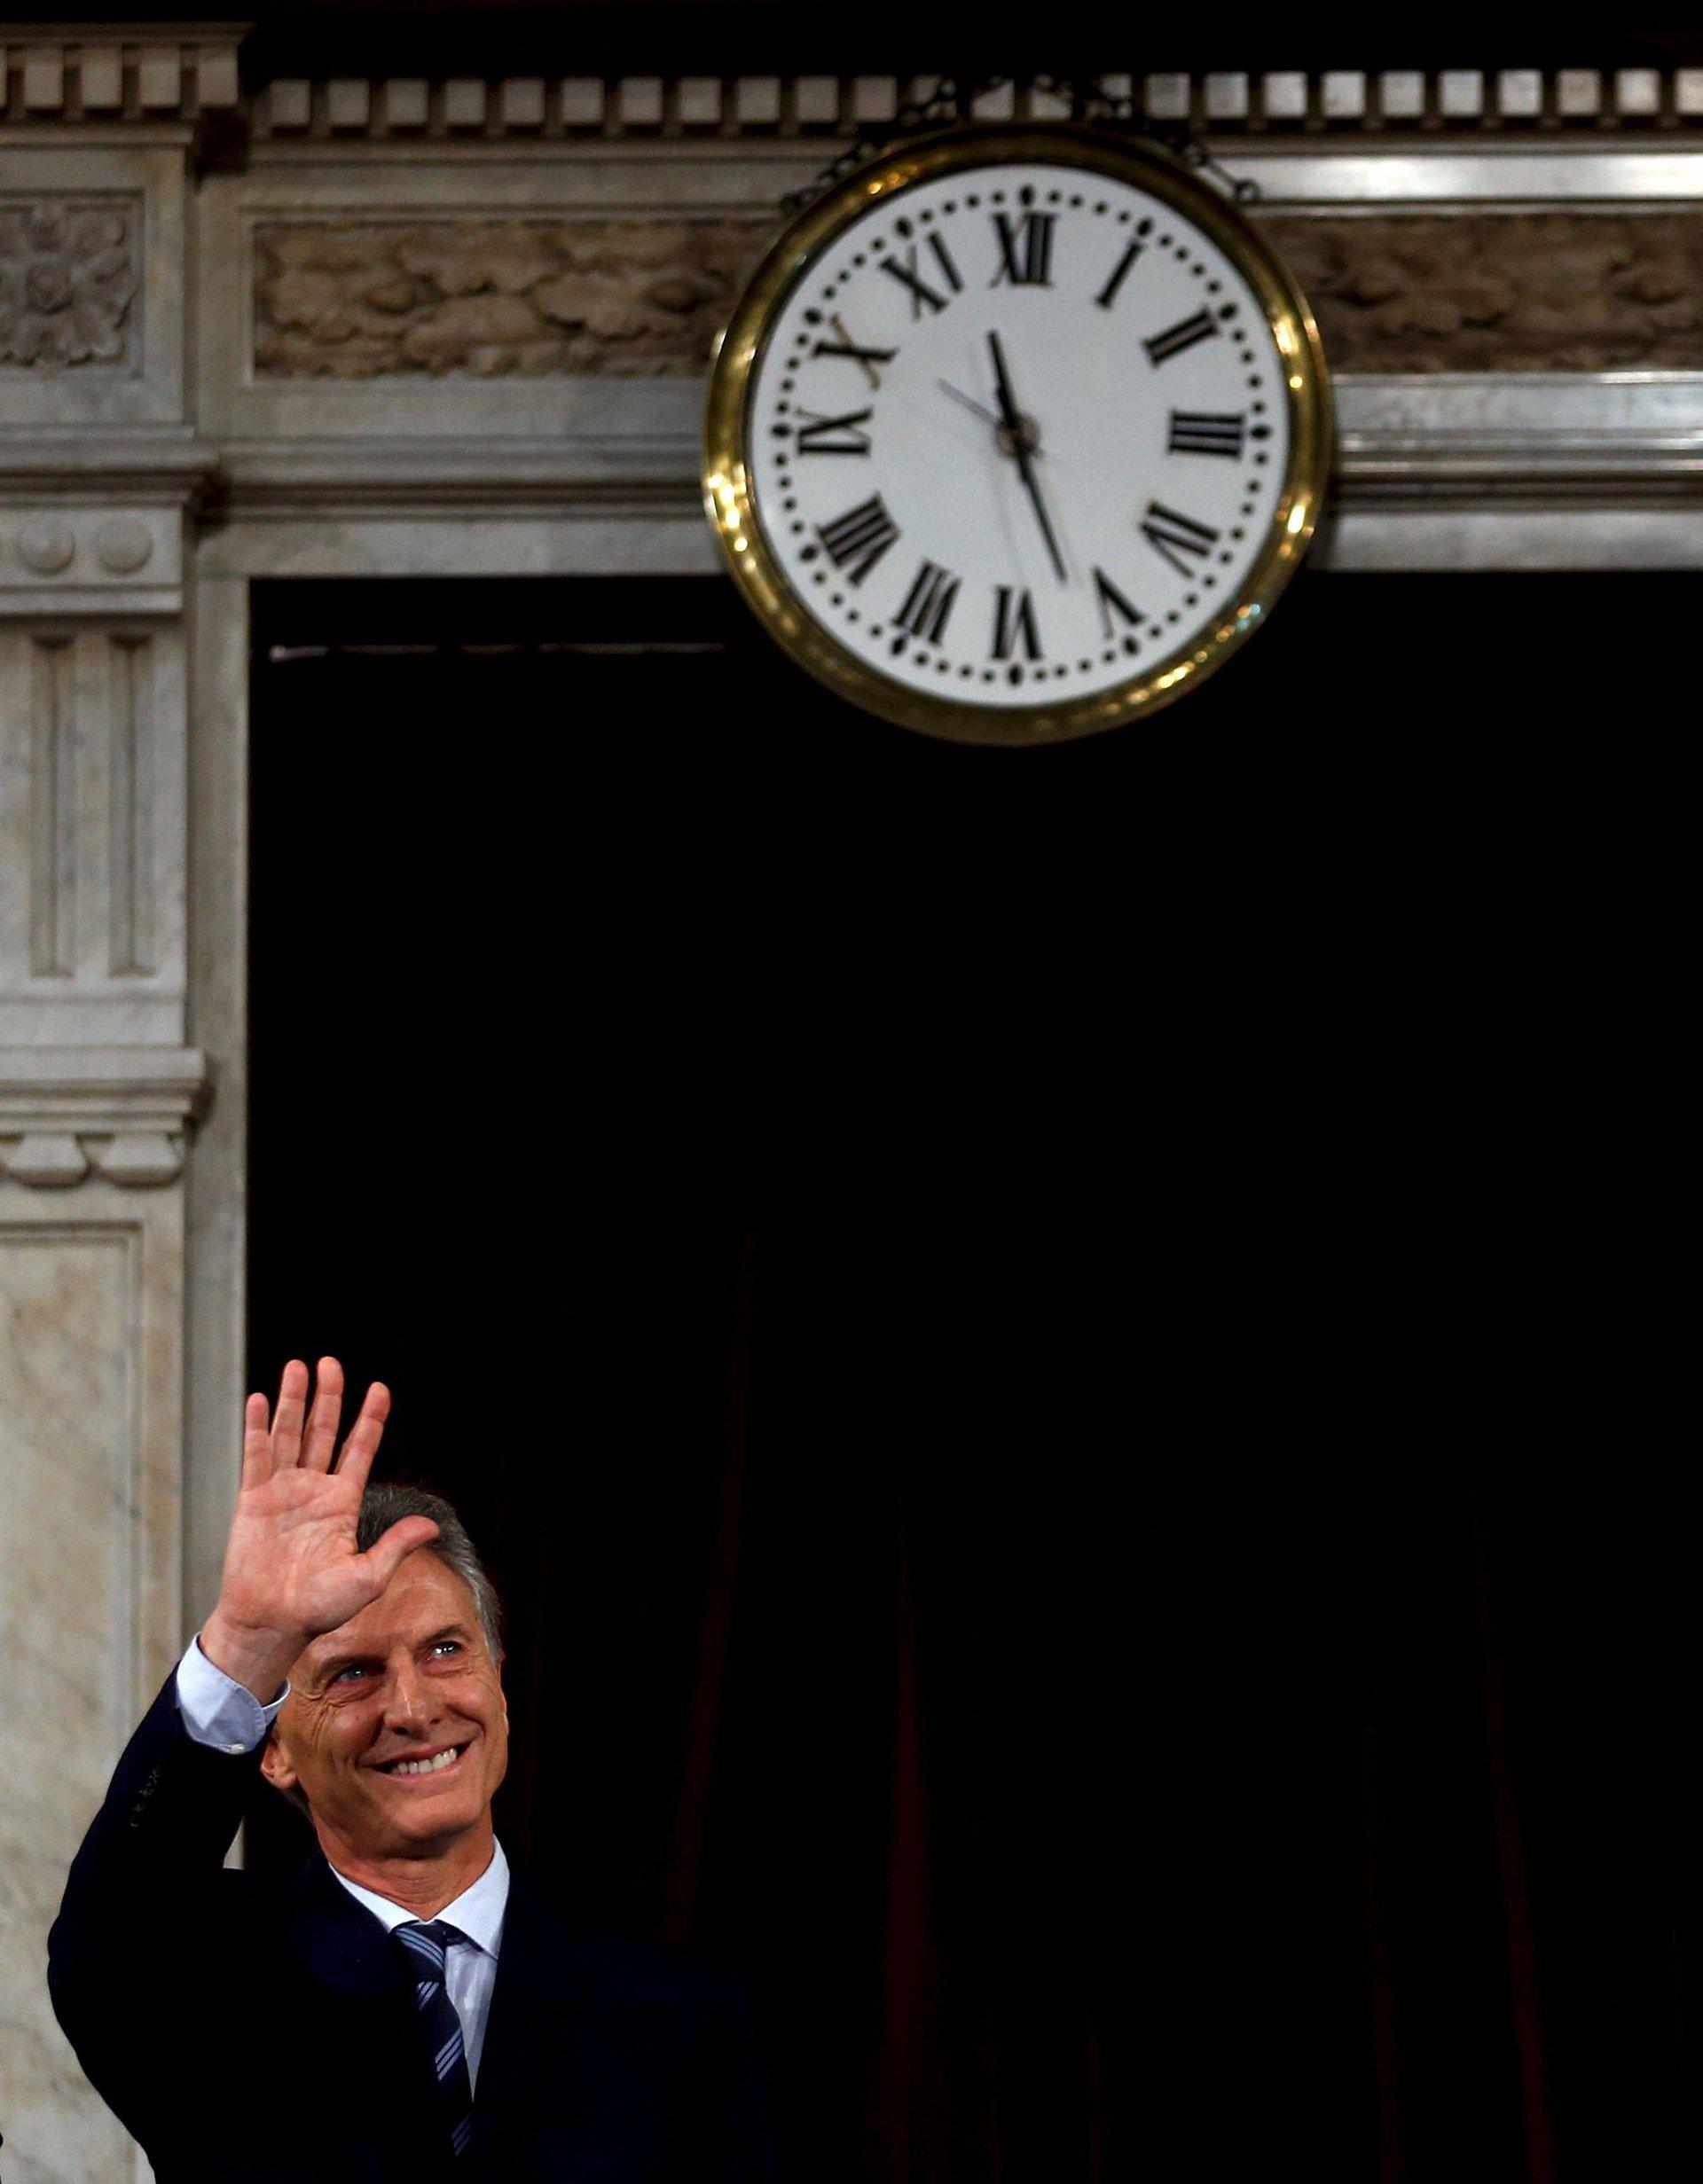 El presidente Mauricio Macri brindó este martes 1° de marzo su  primer discurso de apertura de sesiones ordinarias ante el Congreso de  la Nación luego de asumir como presidente en diciembre de 2015